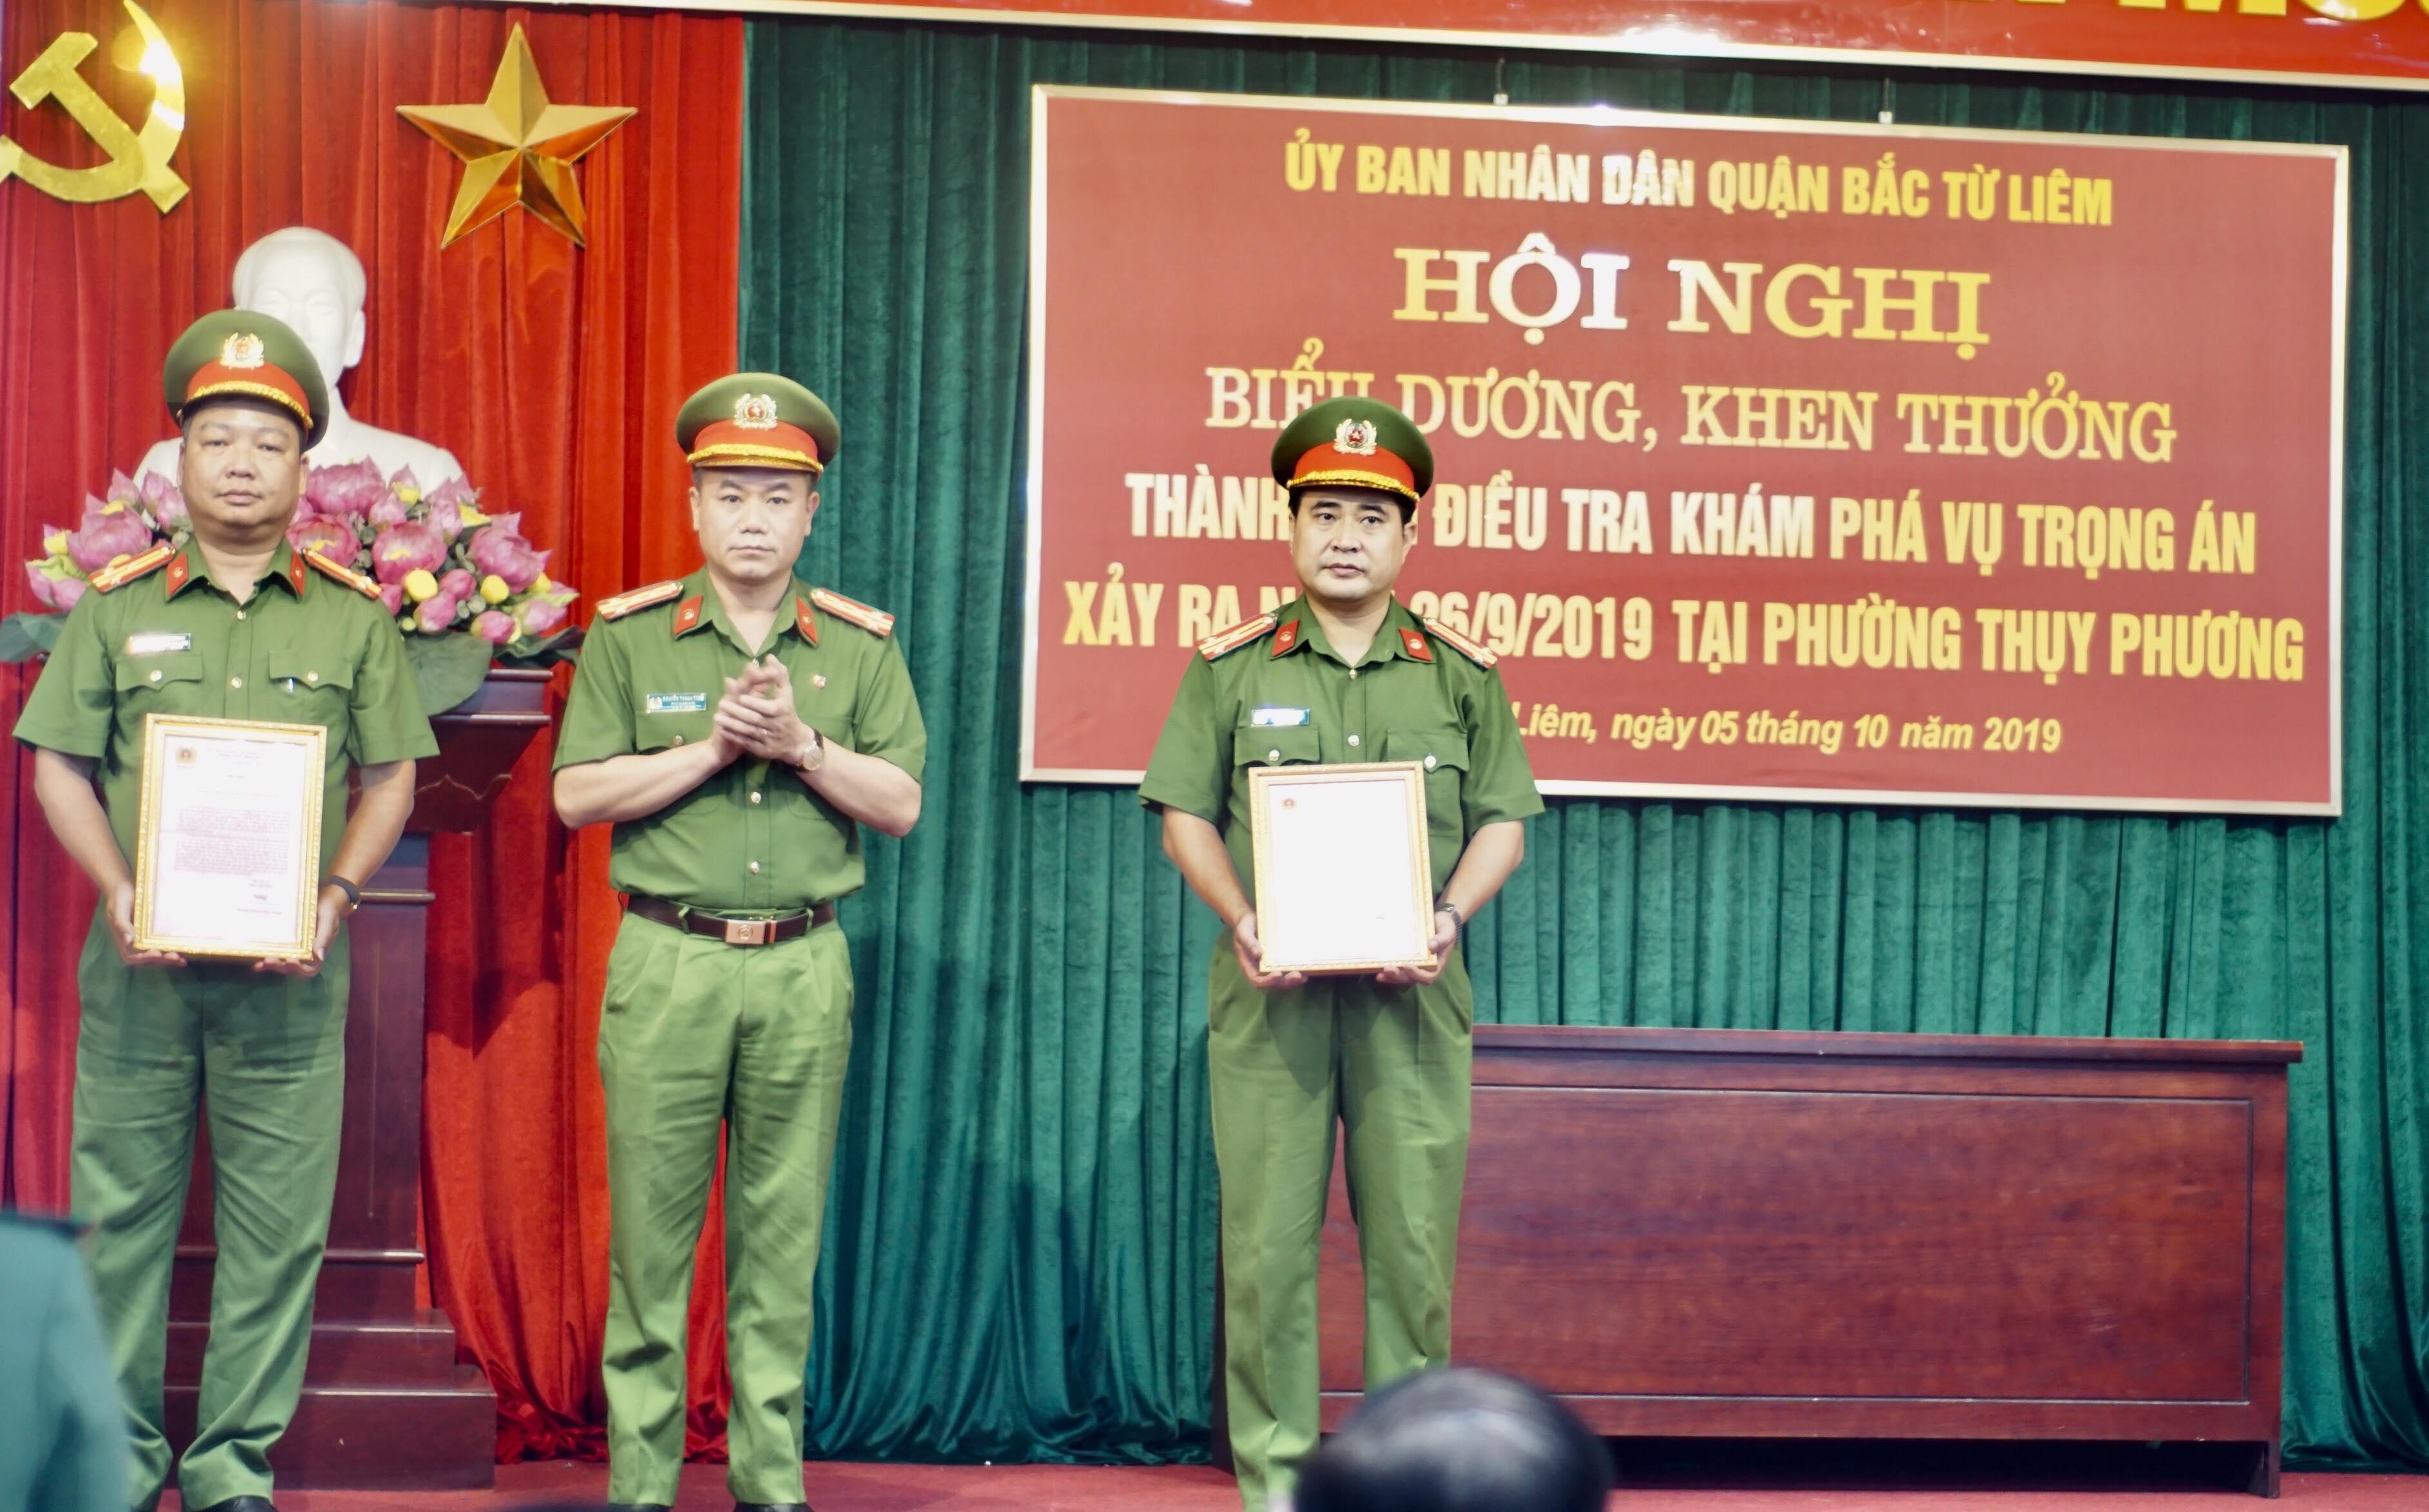 Khởi tố 2 đối tượng sát hại vụ nam sinh chạy Grab ở Hà Nội